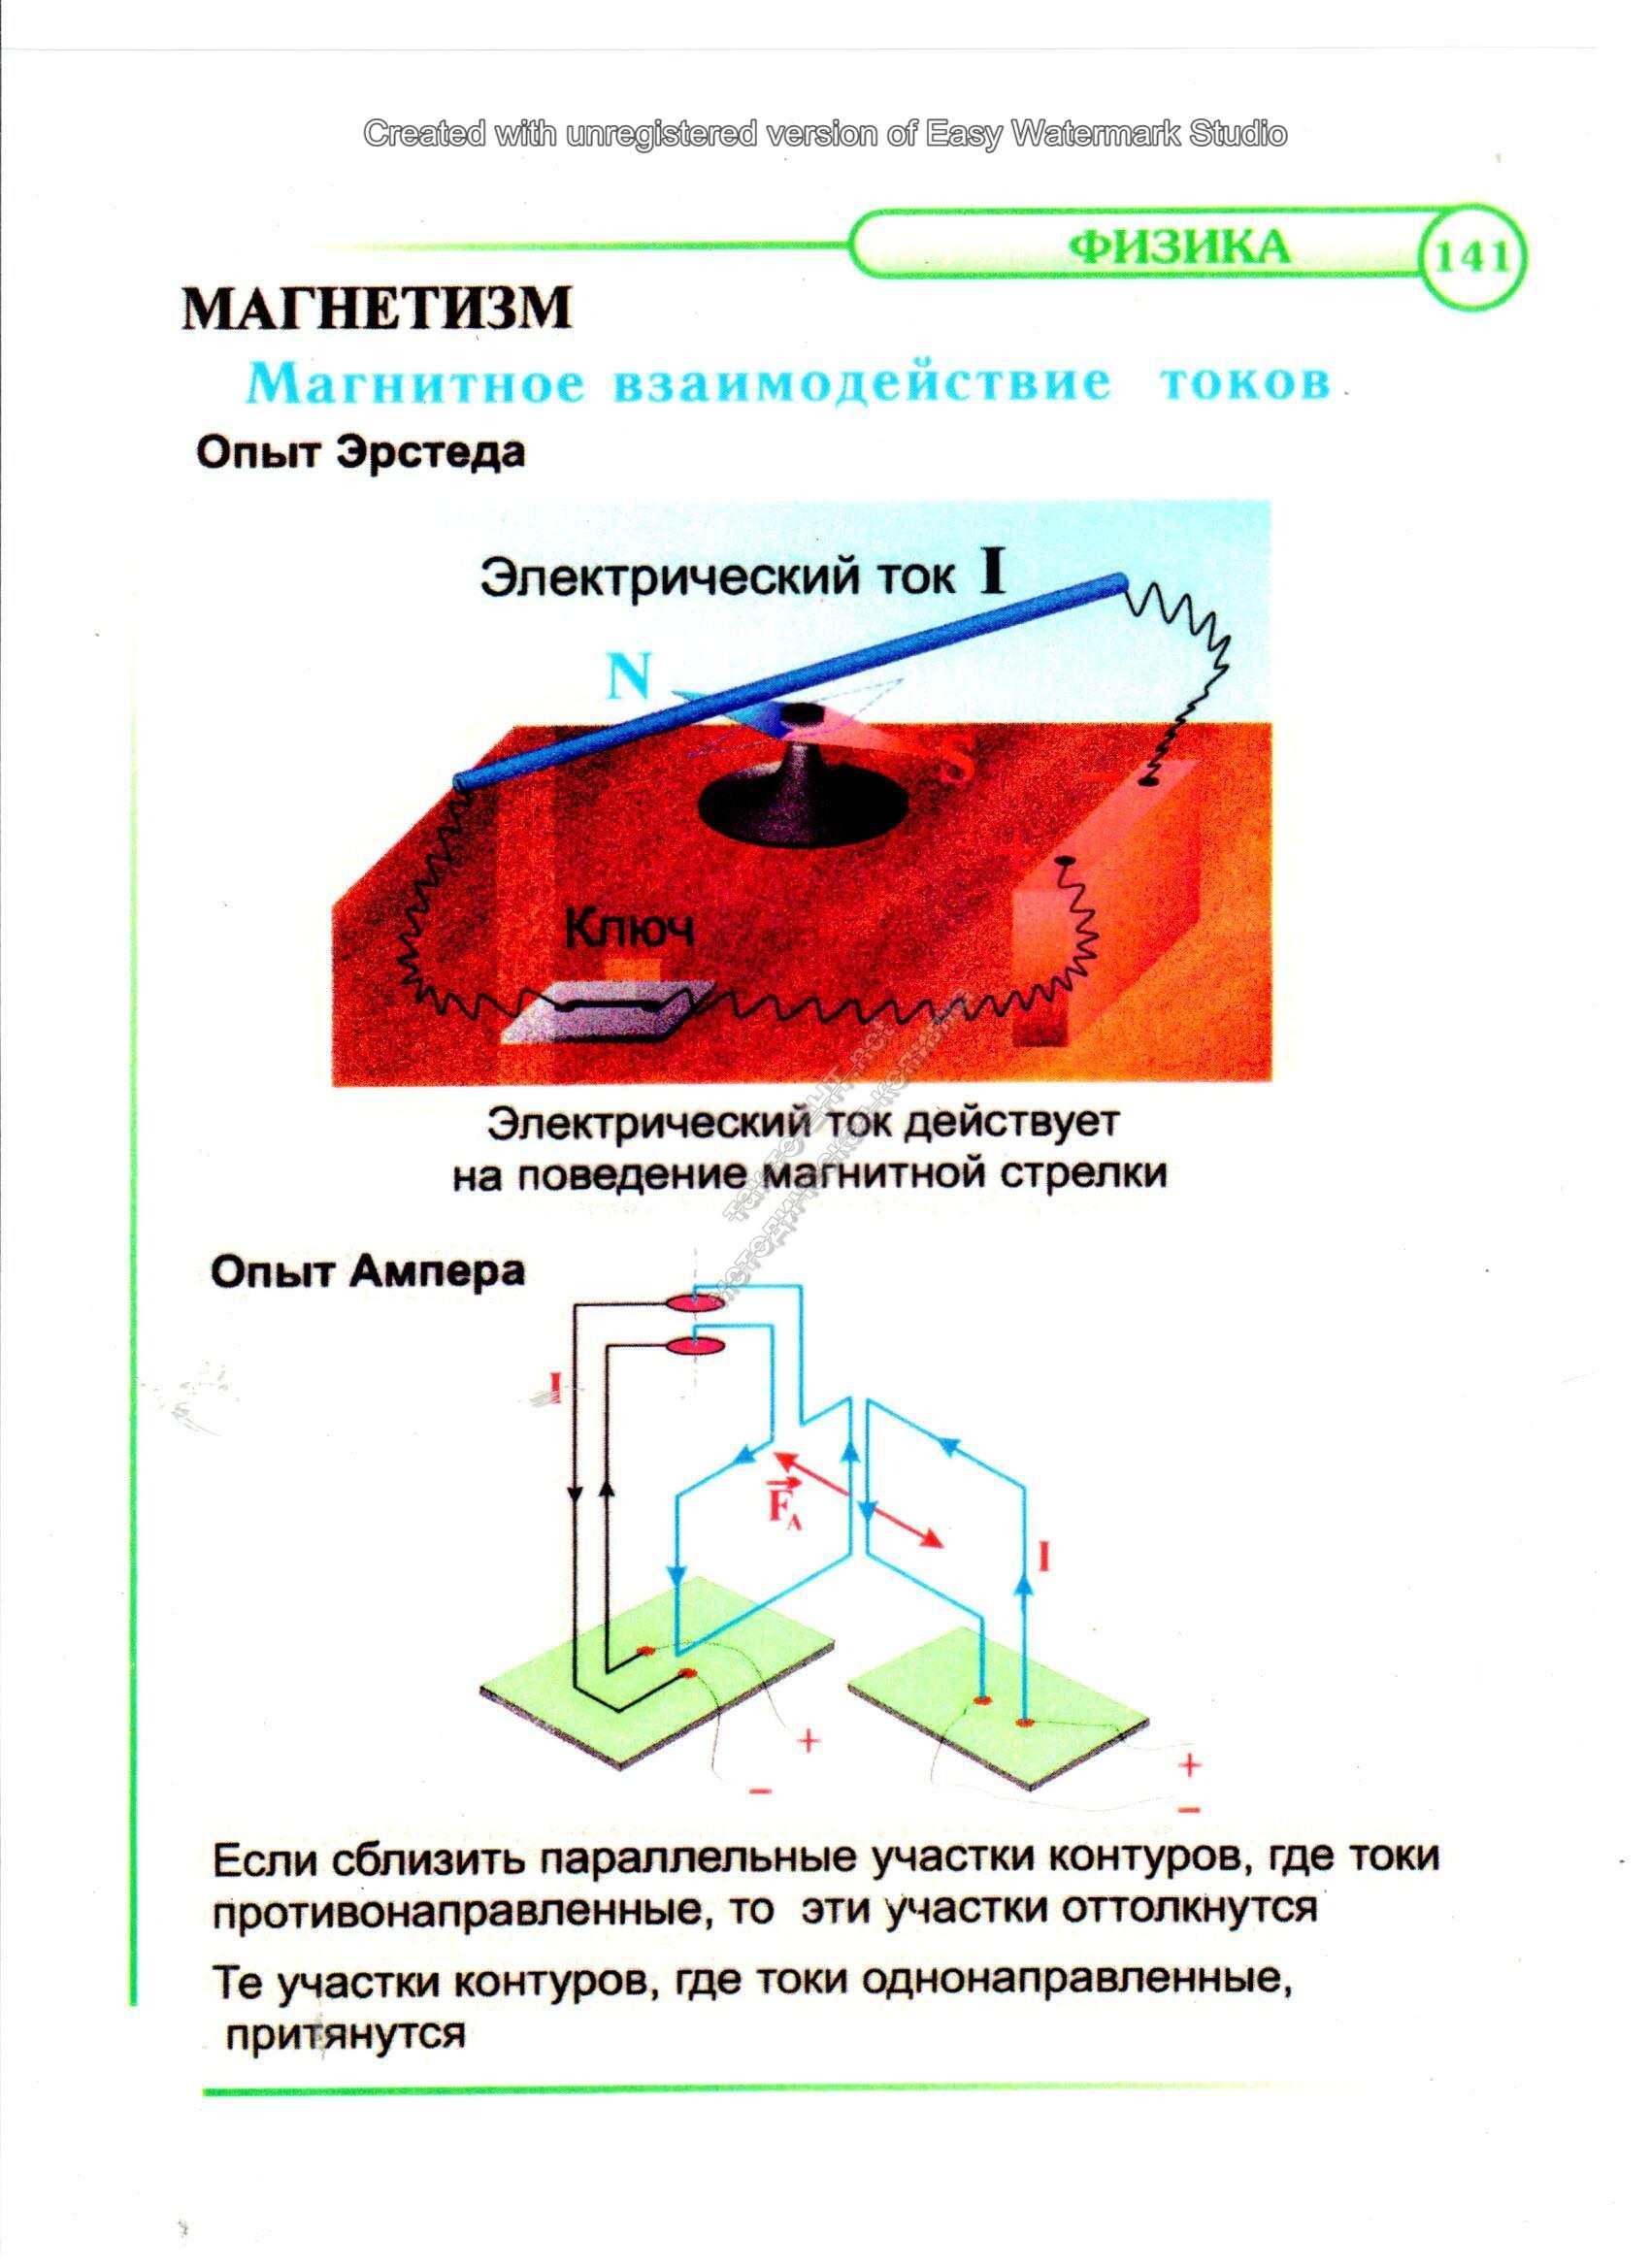 Магнитное взаимодействие токов